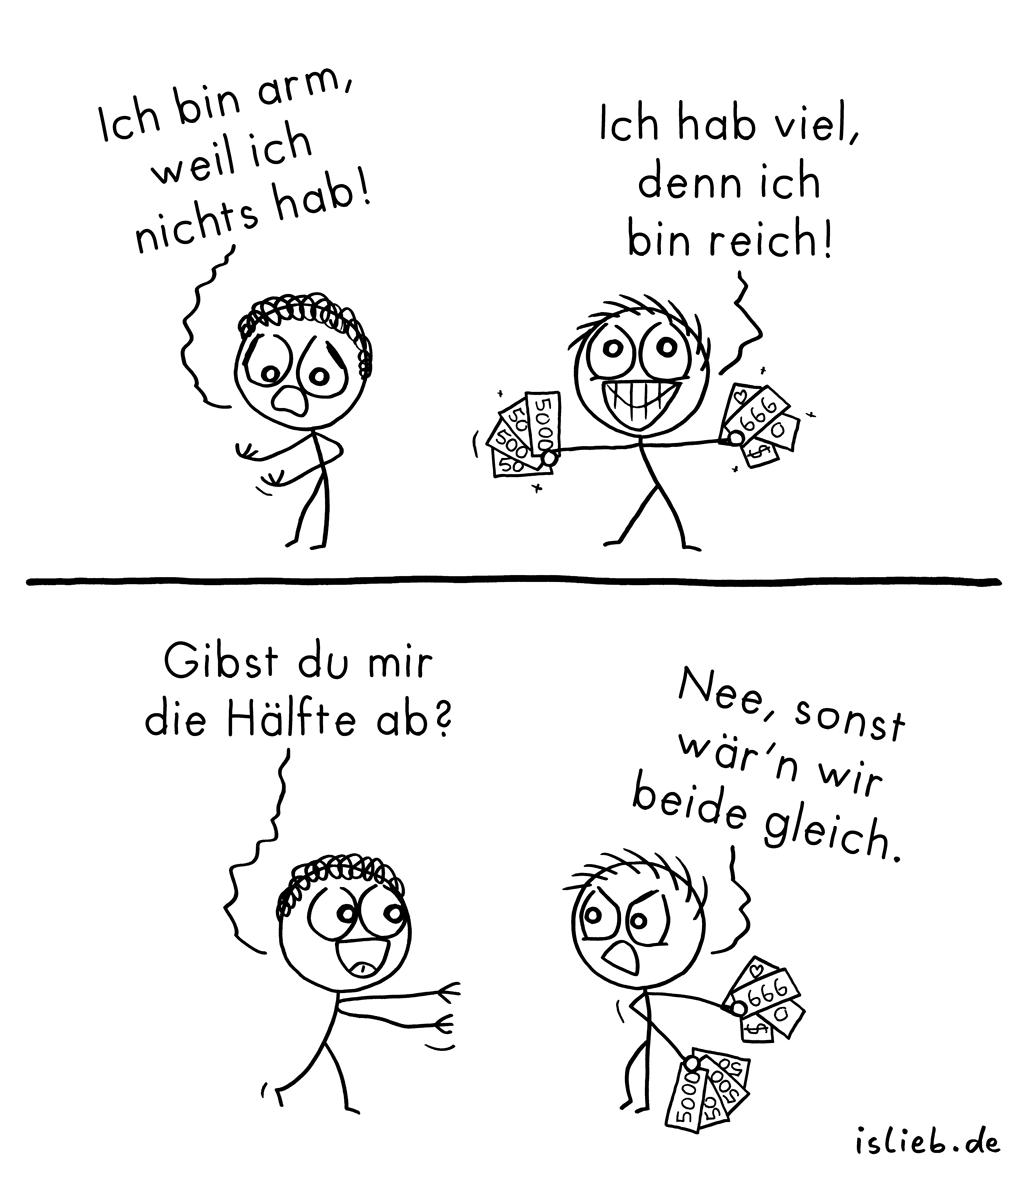 Hälfte | Strichmännchen-Comic | is lieb?